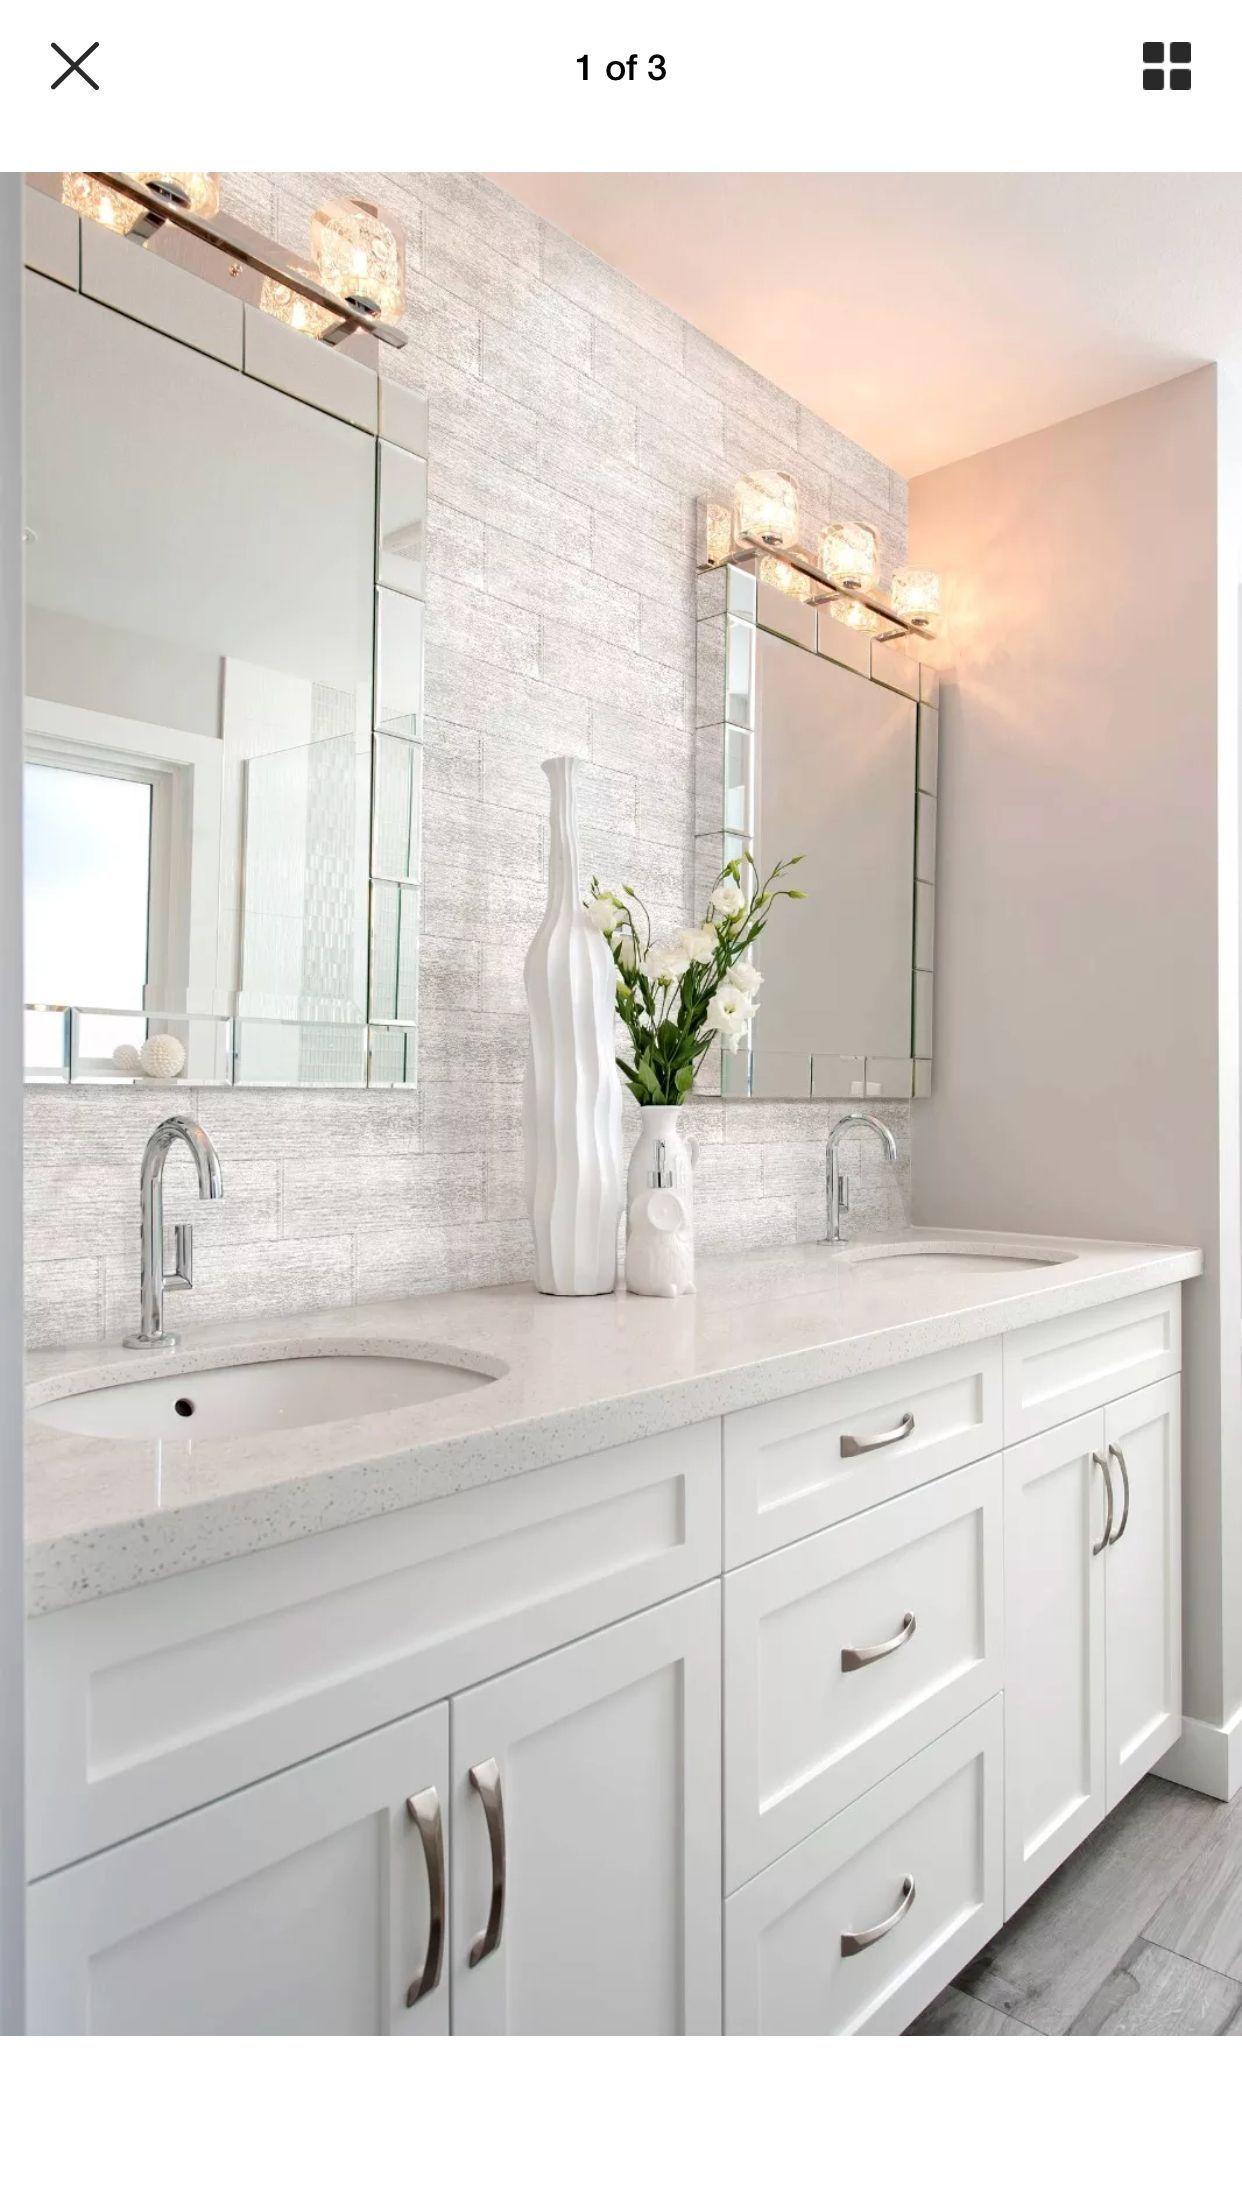 23 Vanities Bathroom Ideas To Get Your